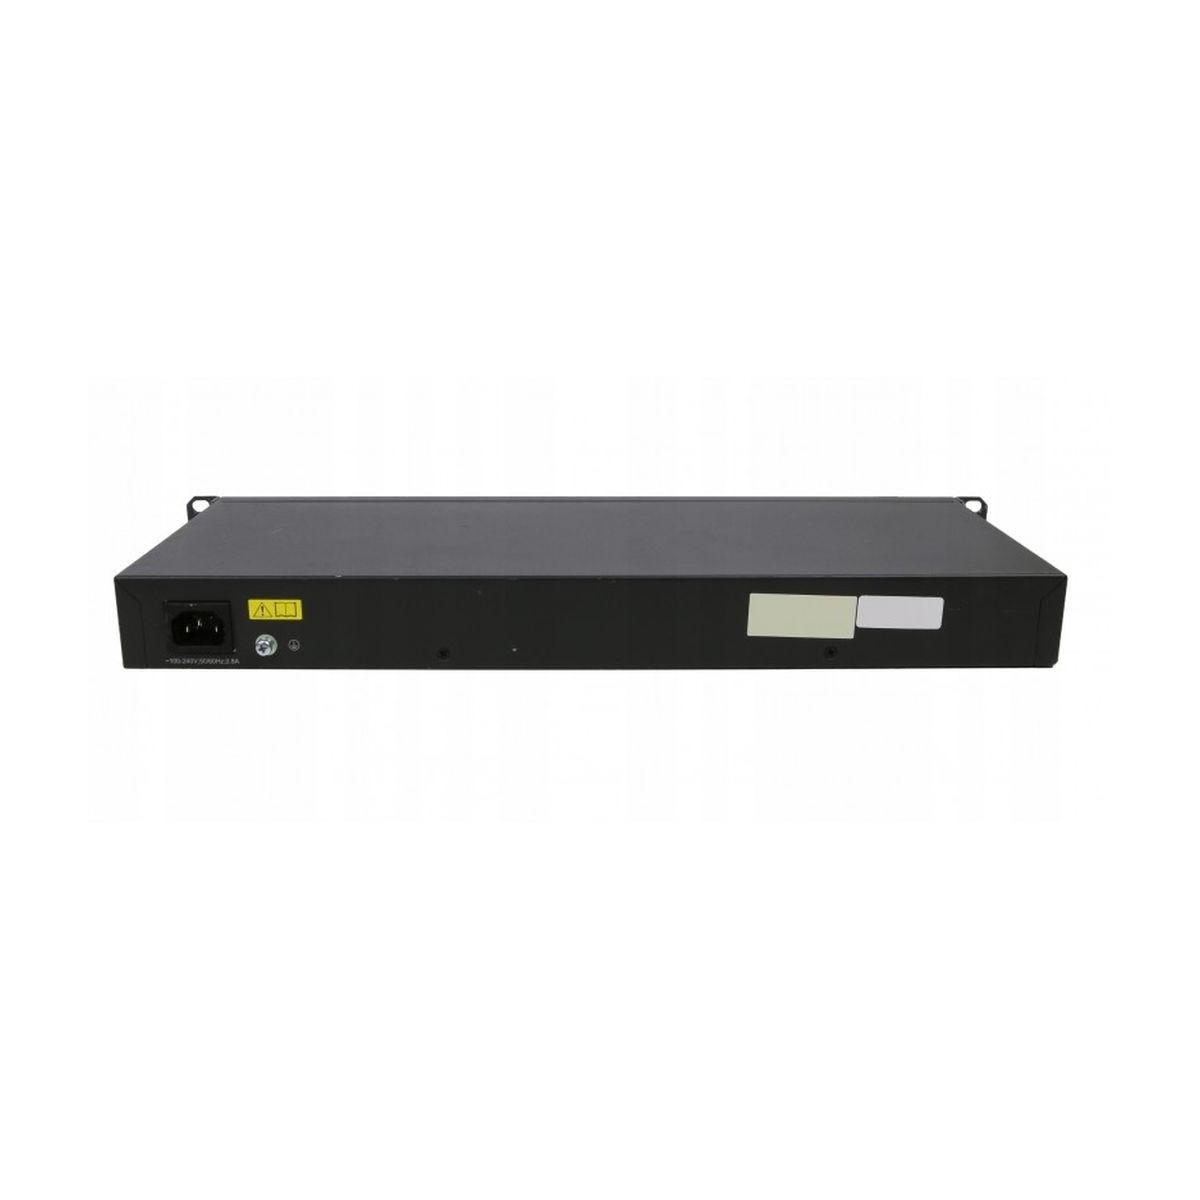 HP DL385 G2 2x2,40GHZ DC 8GB 2x73GB SAS